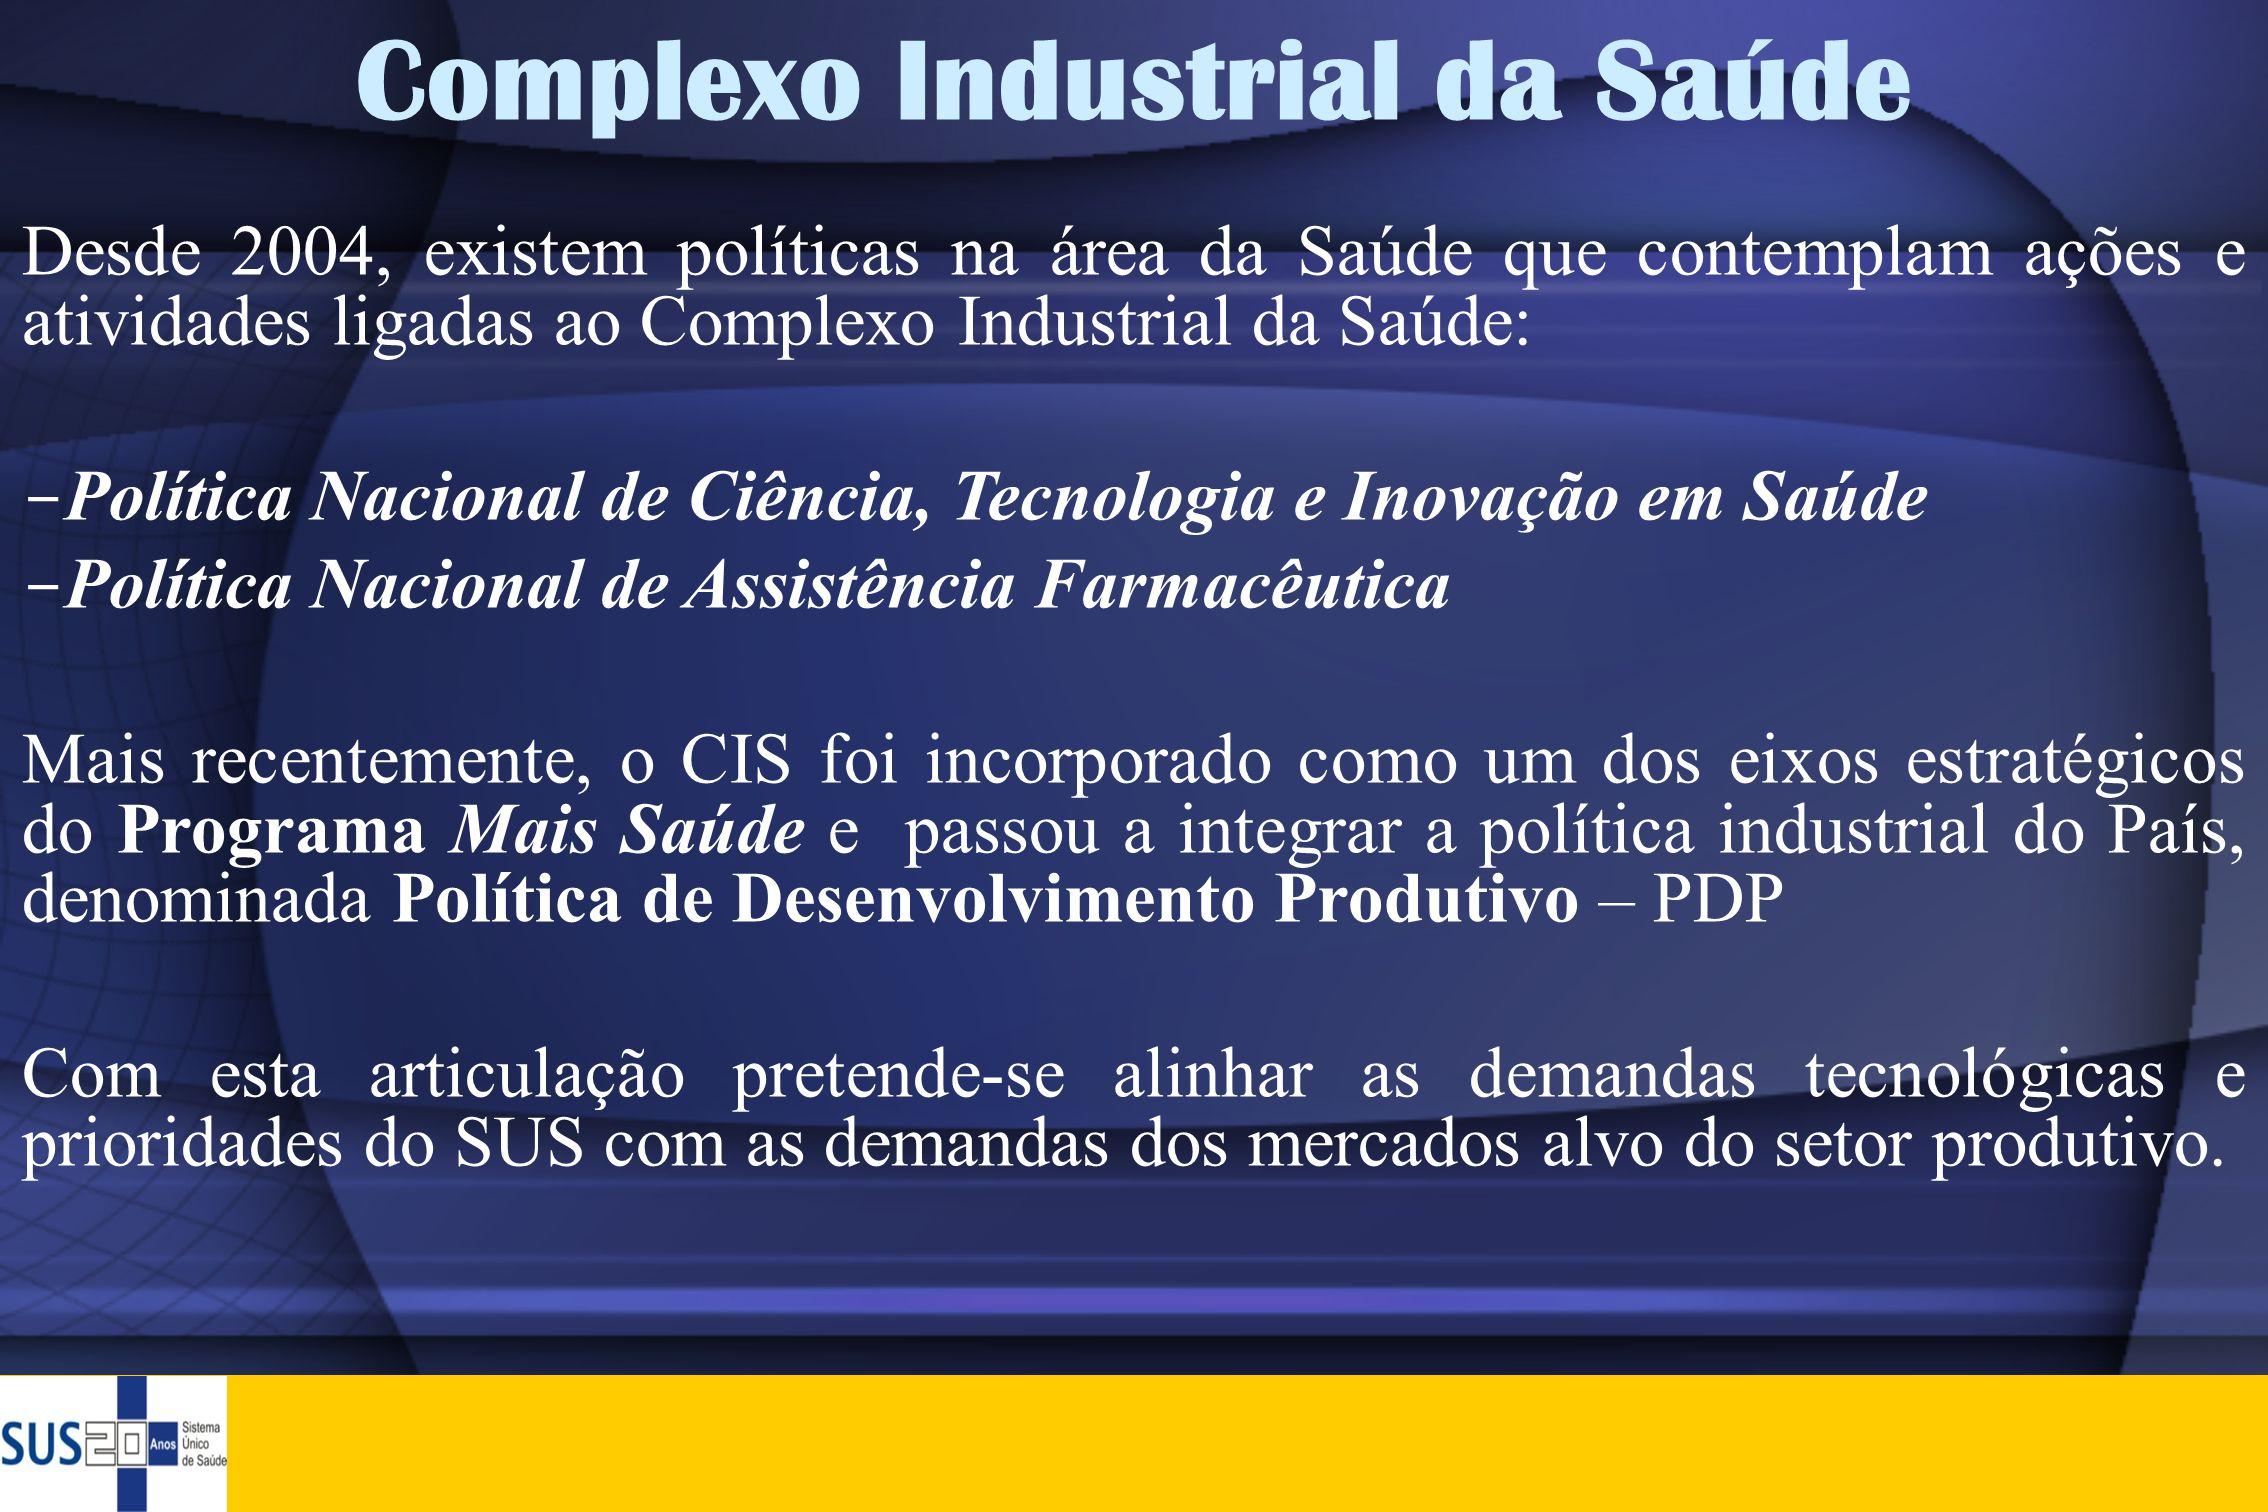 Complexo Industrial da Saúde Desde 2004, existem políticas na área da Saúde que contemplam ações e atividades ligadas ao Complexo Industrial da Saúde: